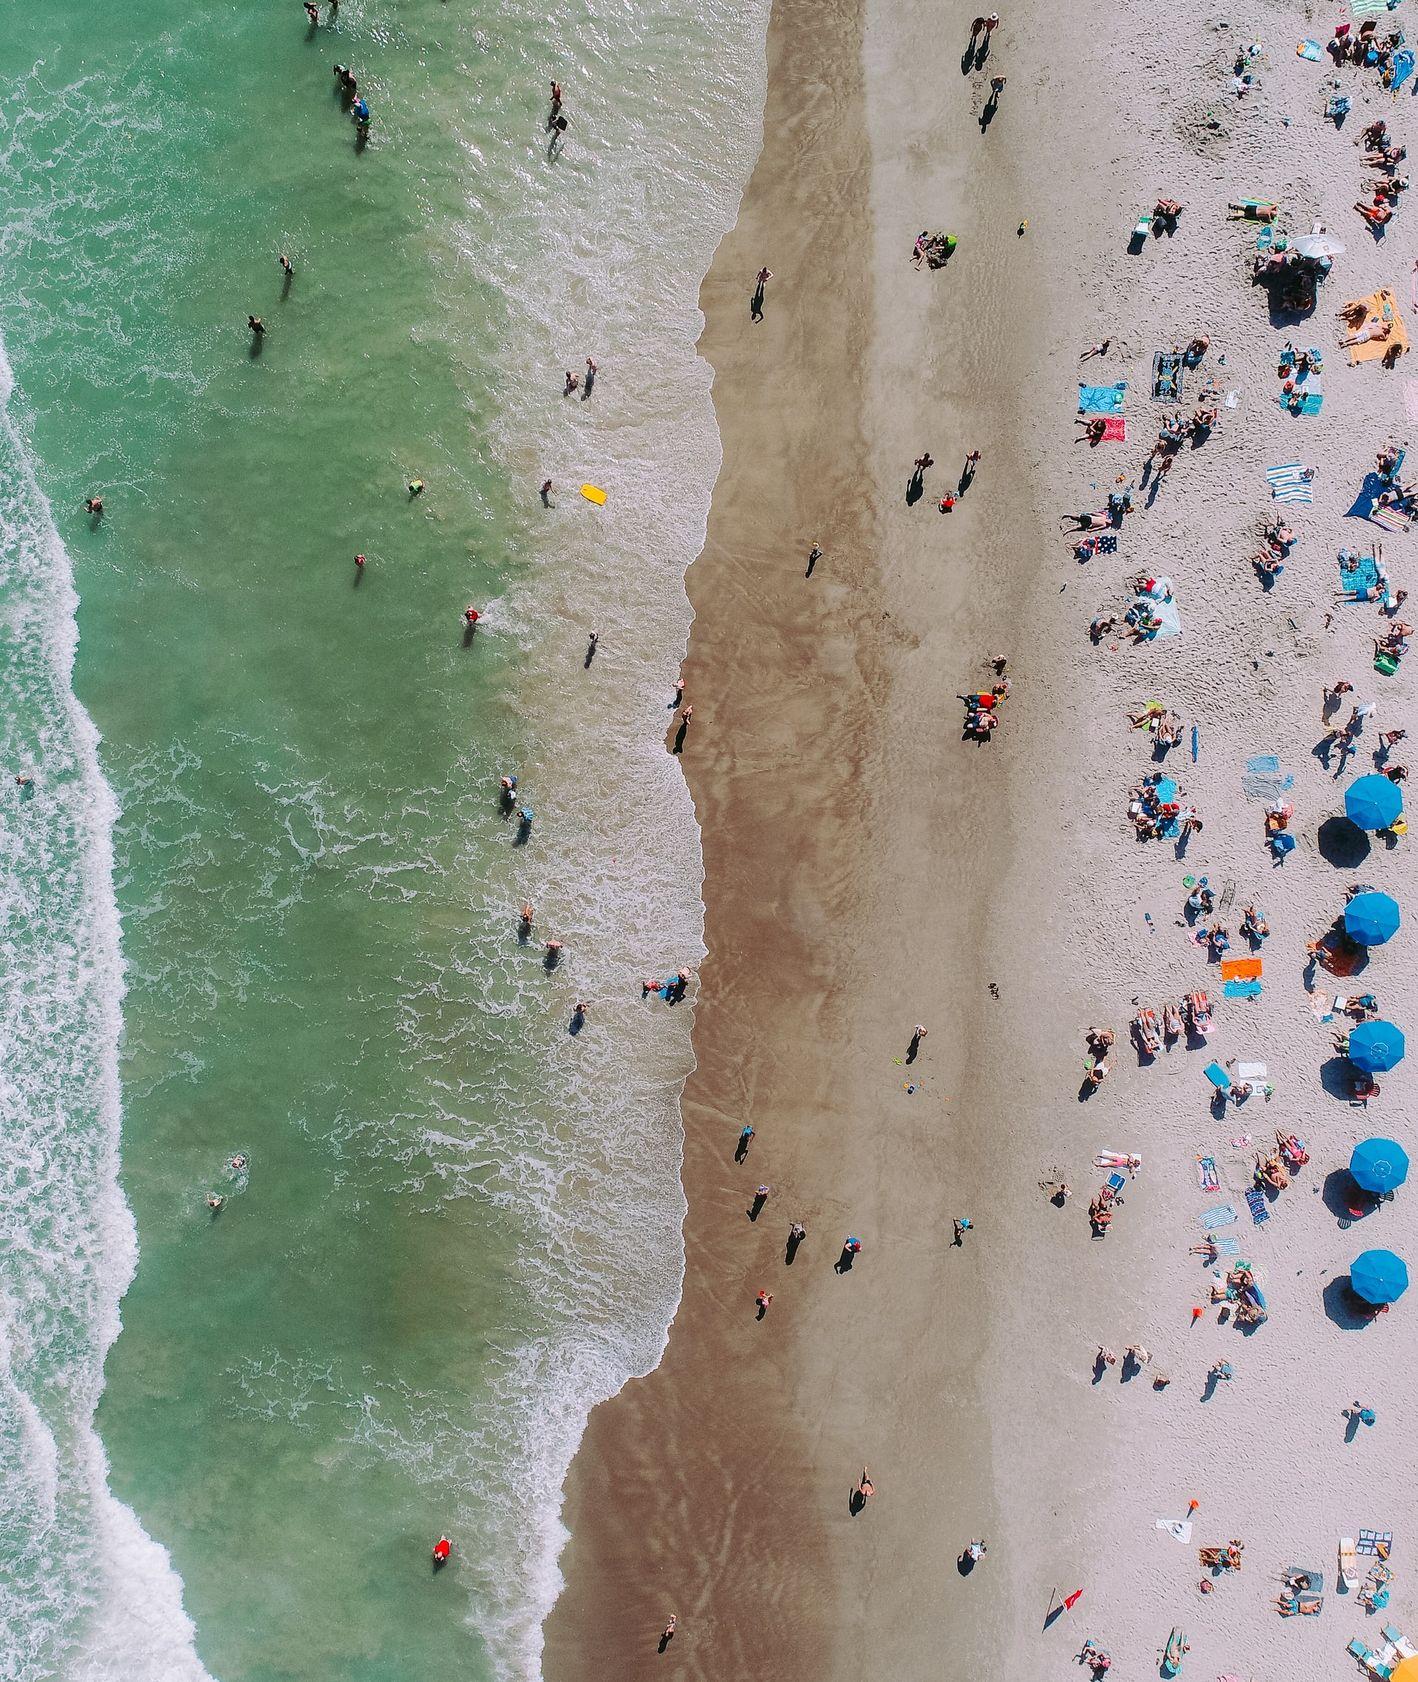 Ludzie na plaży i w morzu, z lotu ptaka (fot. Clement Chen / unsplash.com)